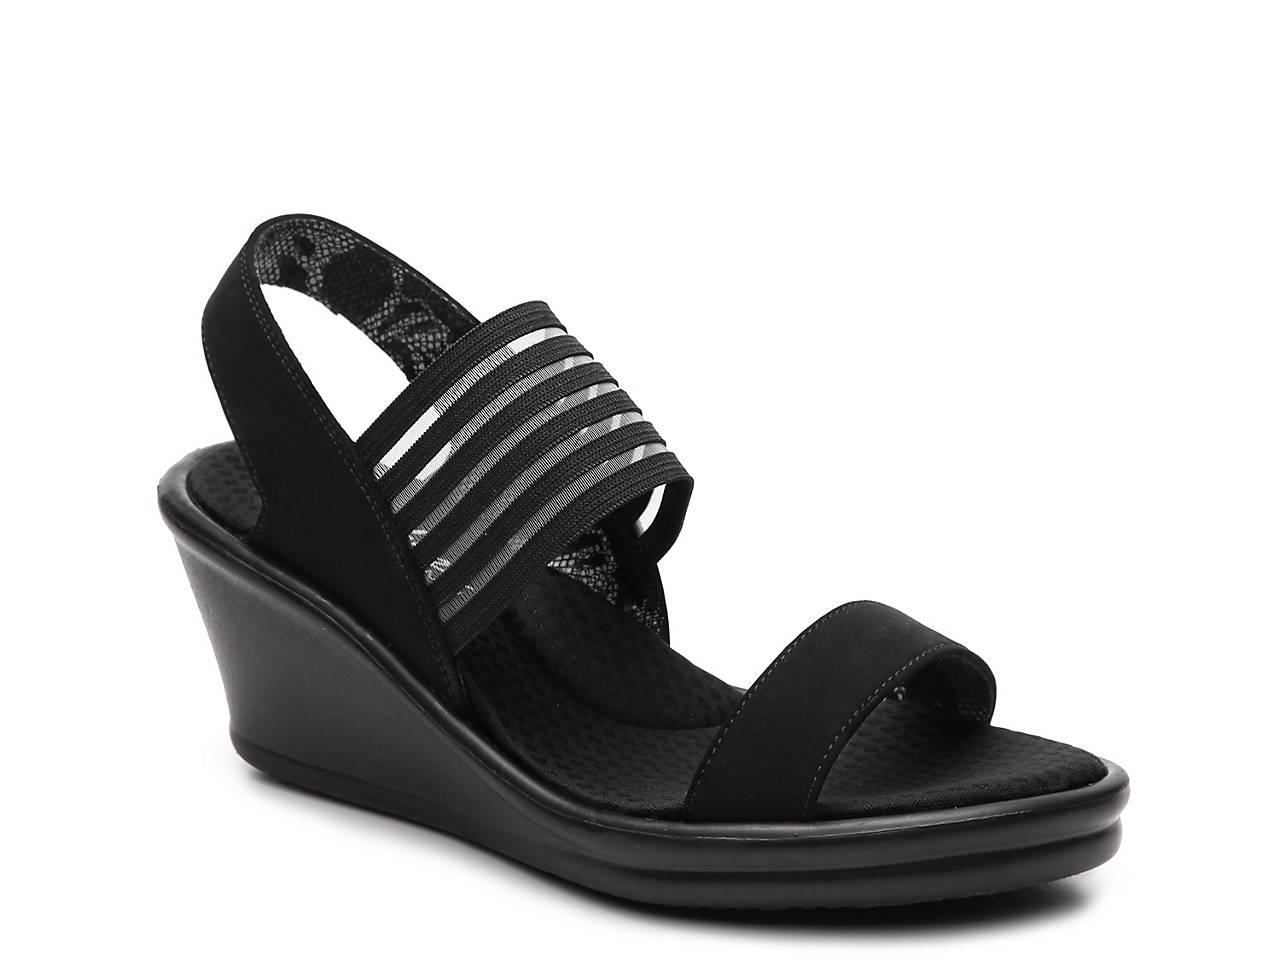 Skechers Cali Sci-Fi Wedge Sandal Women's Shoes | DSW